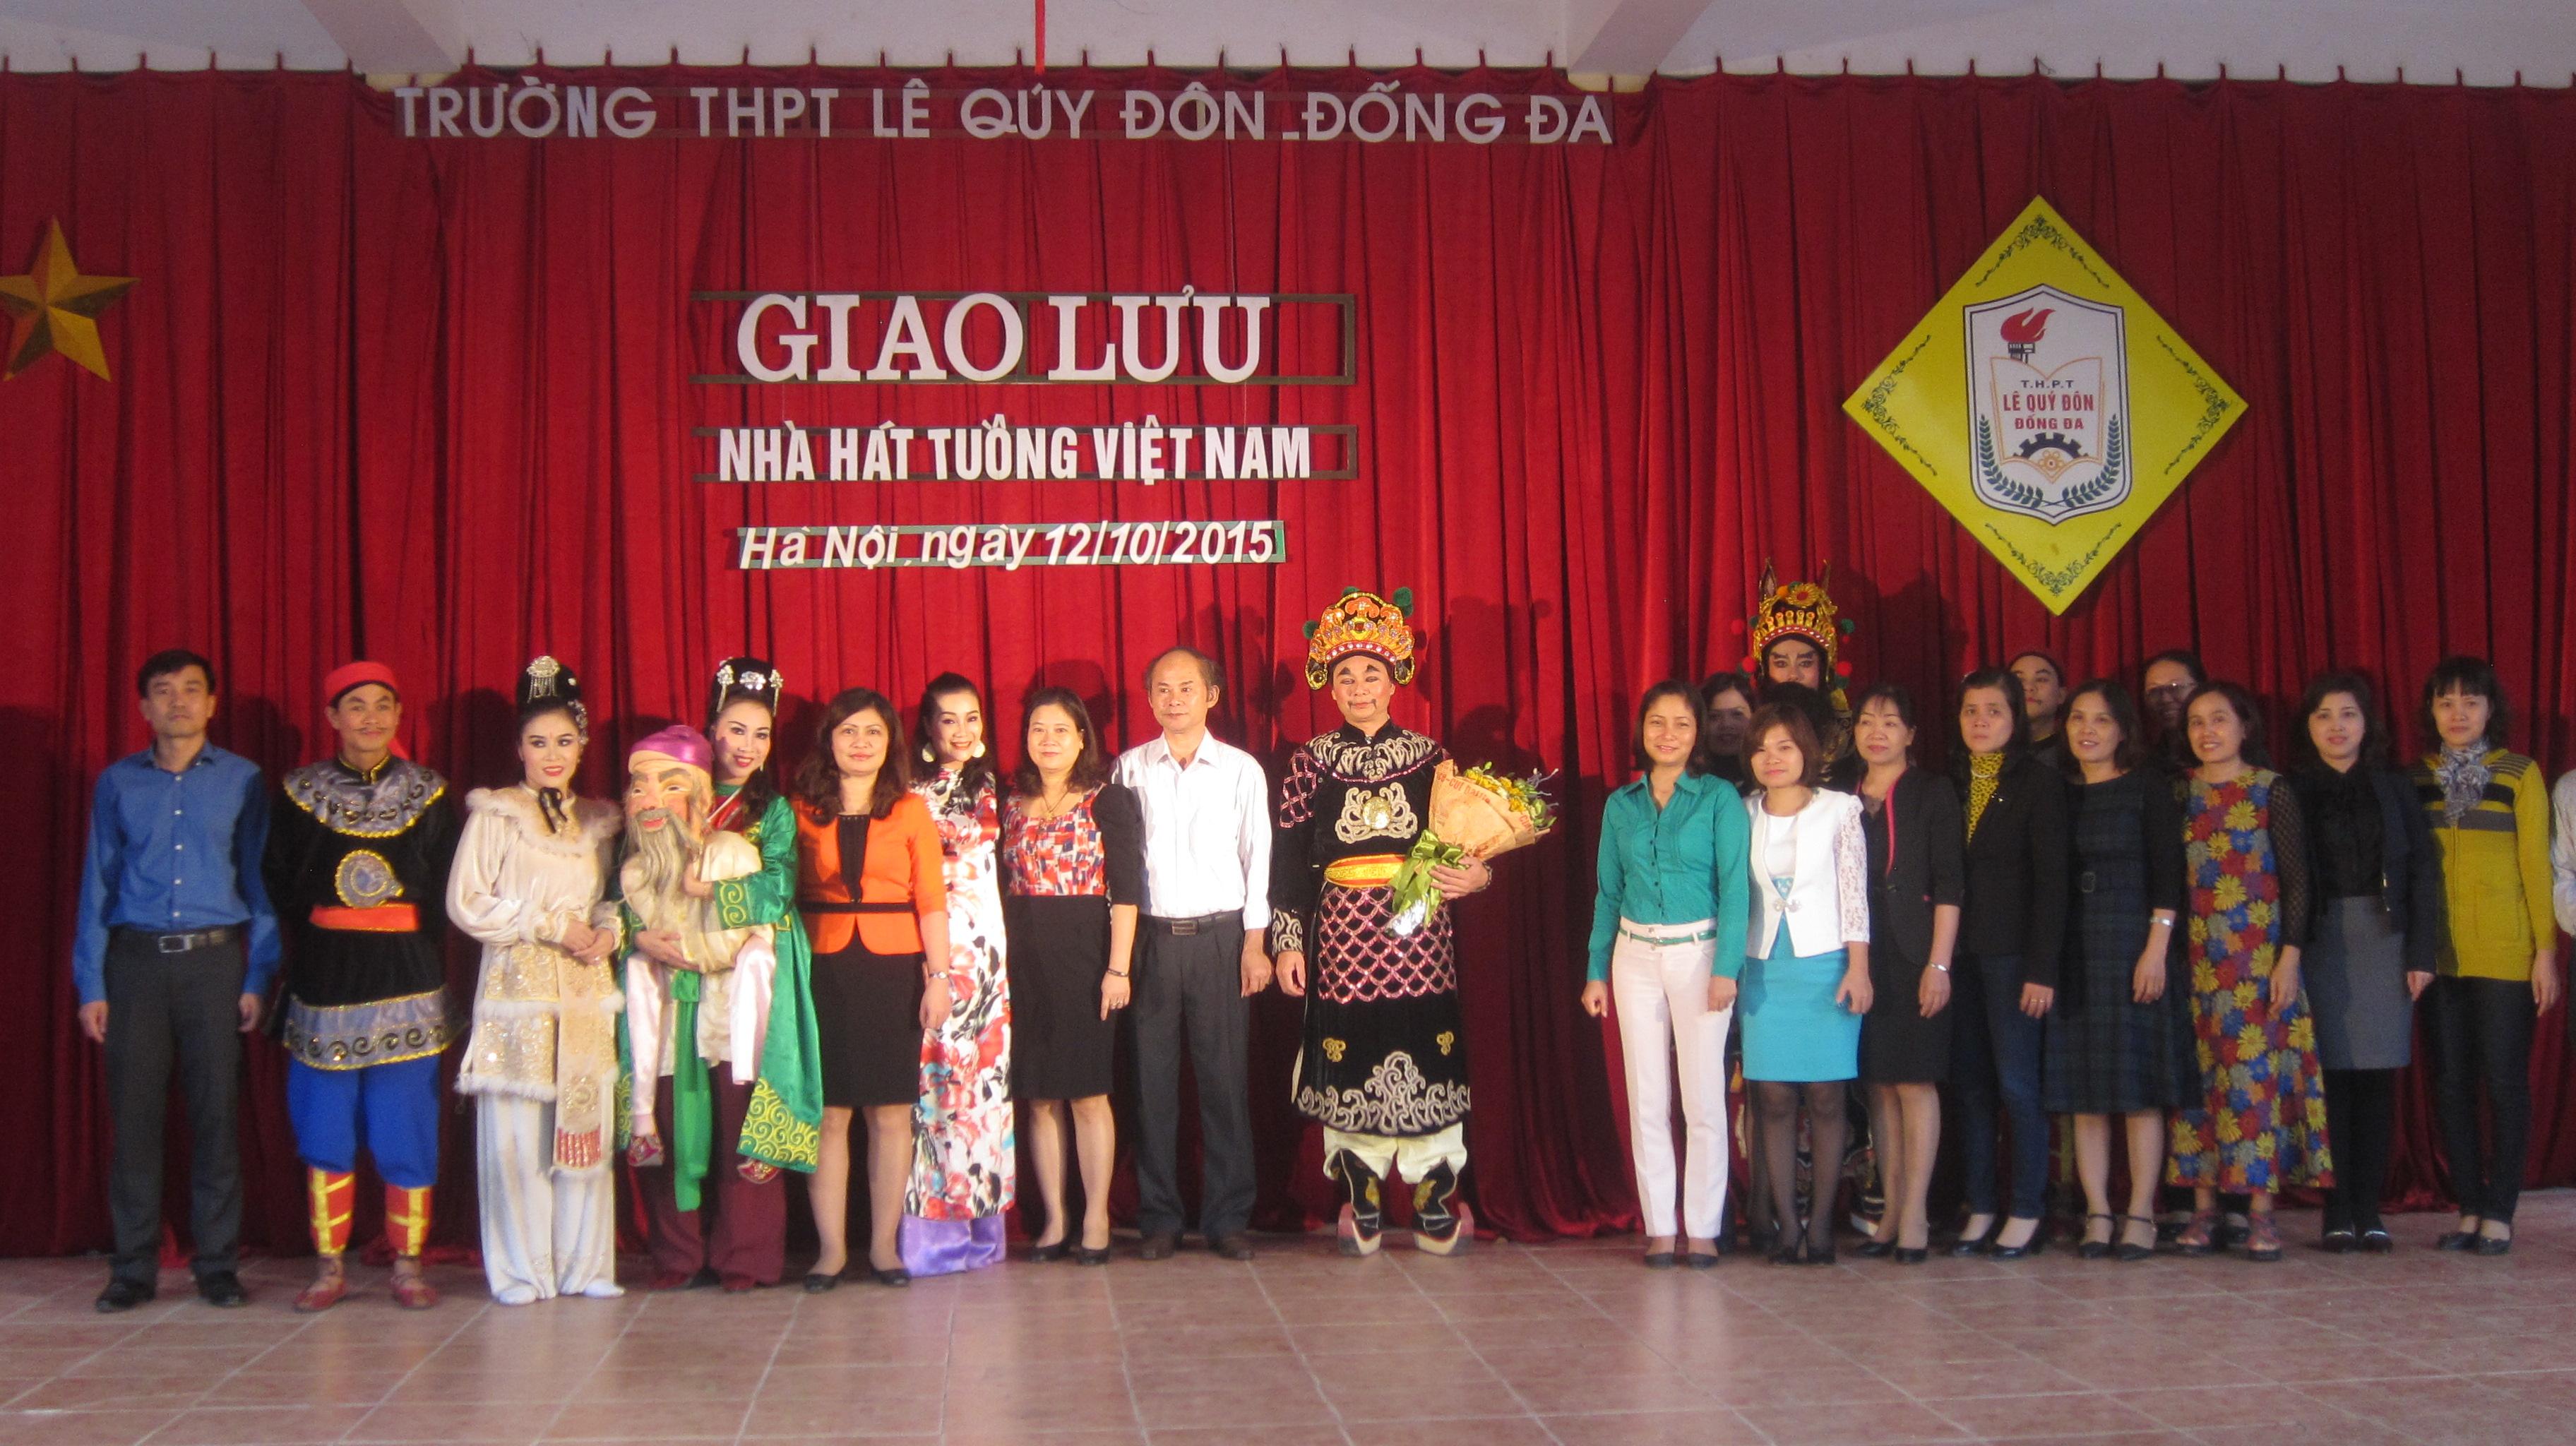 Trường THPT Lê Quý Đôn - Đống Đa giao lưu nhà hát tuồng Việt Nam